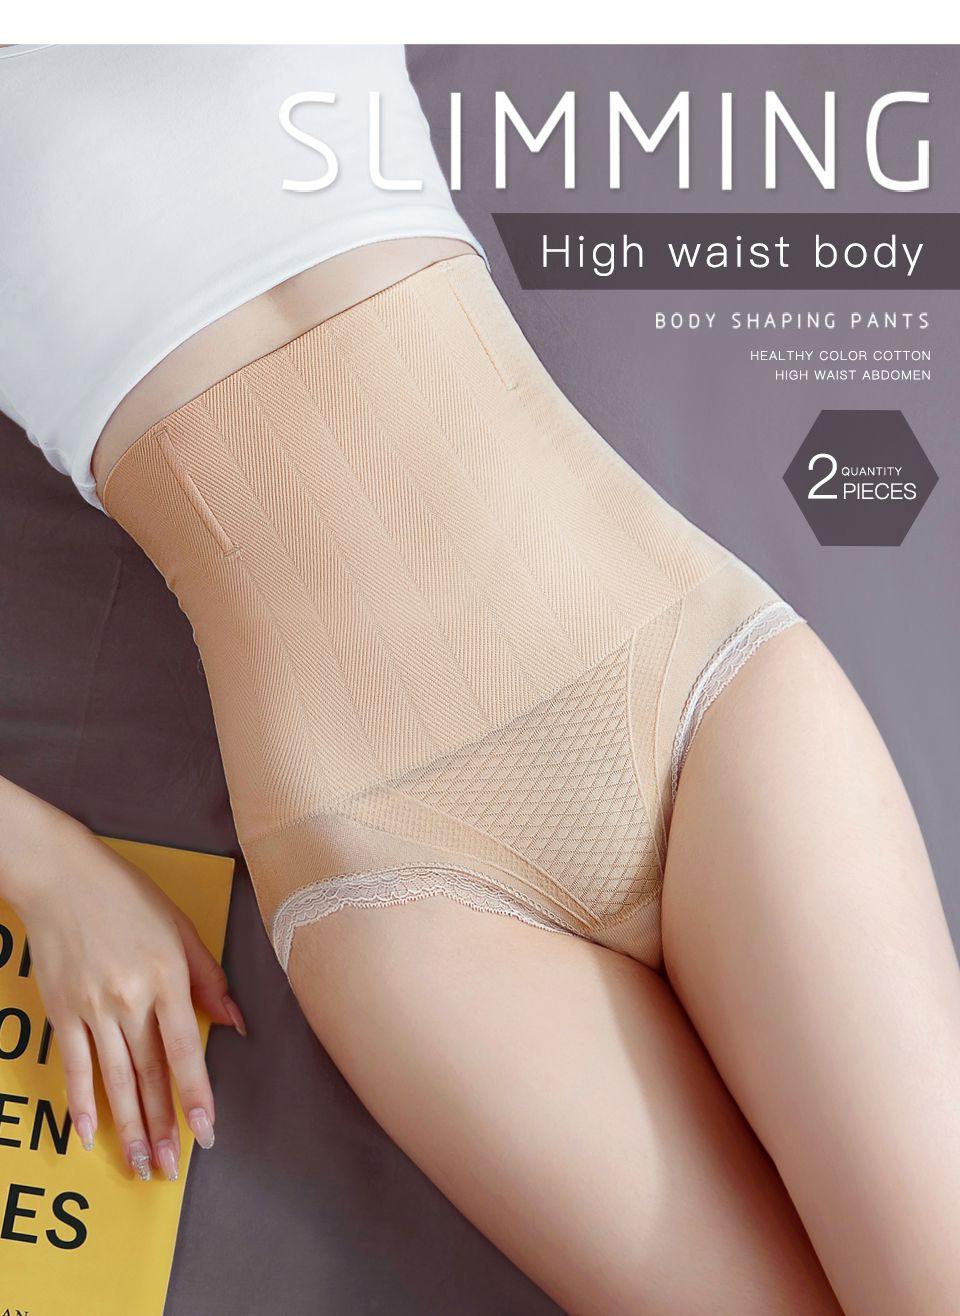 Top 10 Best Control Panties that Work 2020: Control Panties Reviews